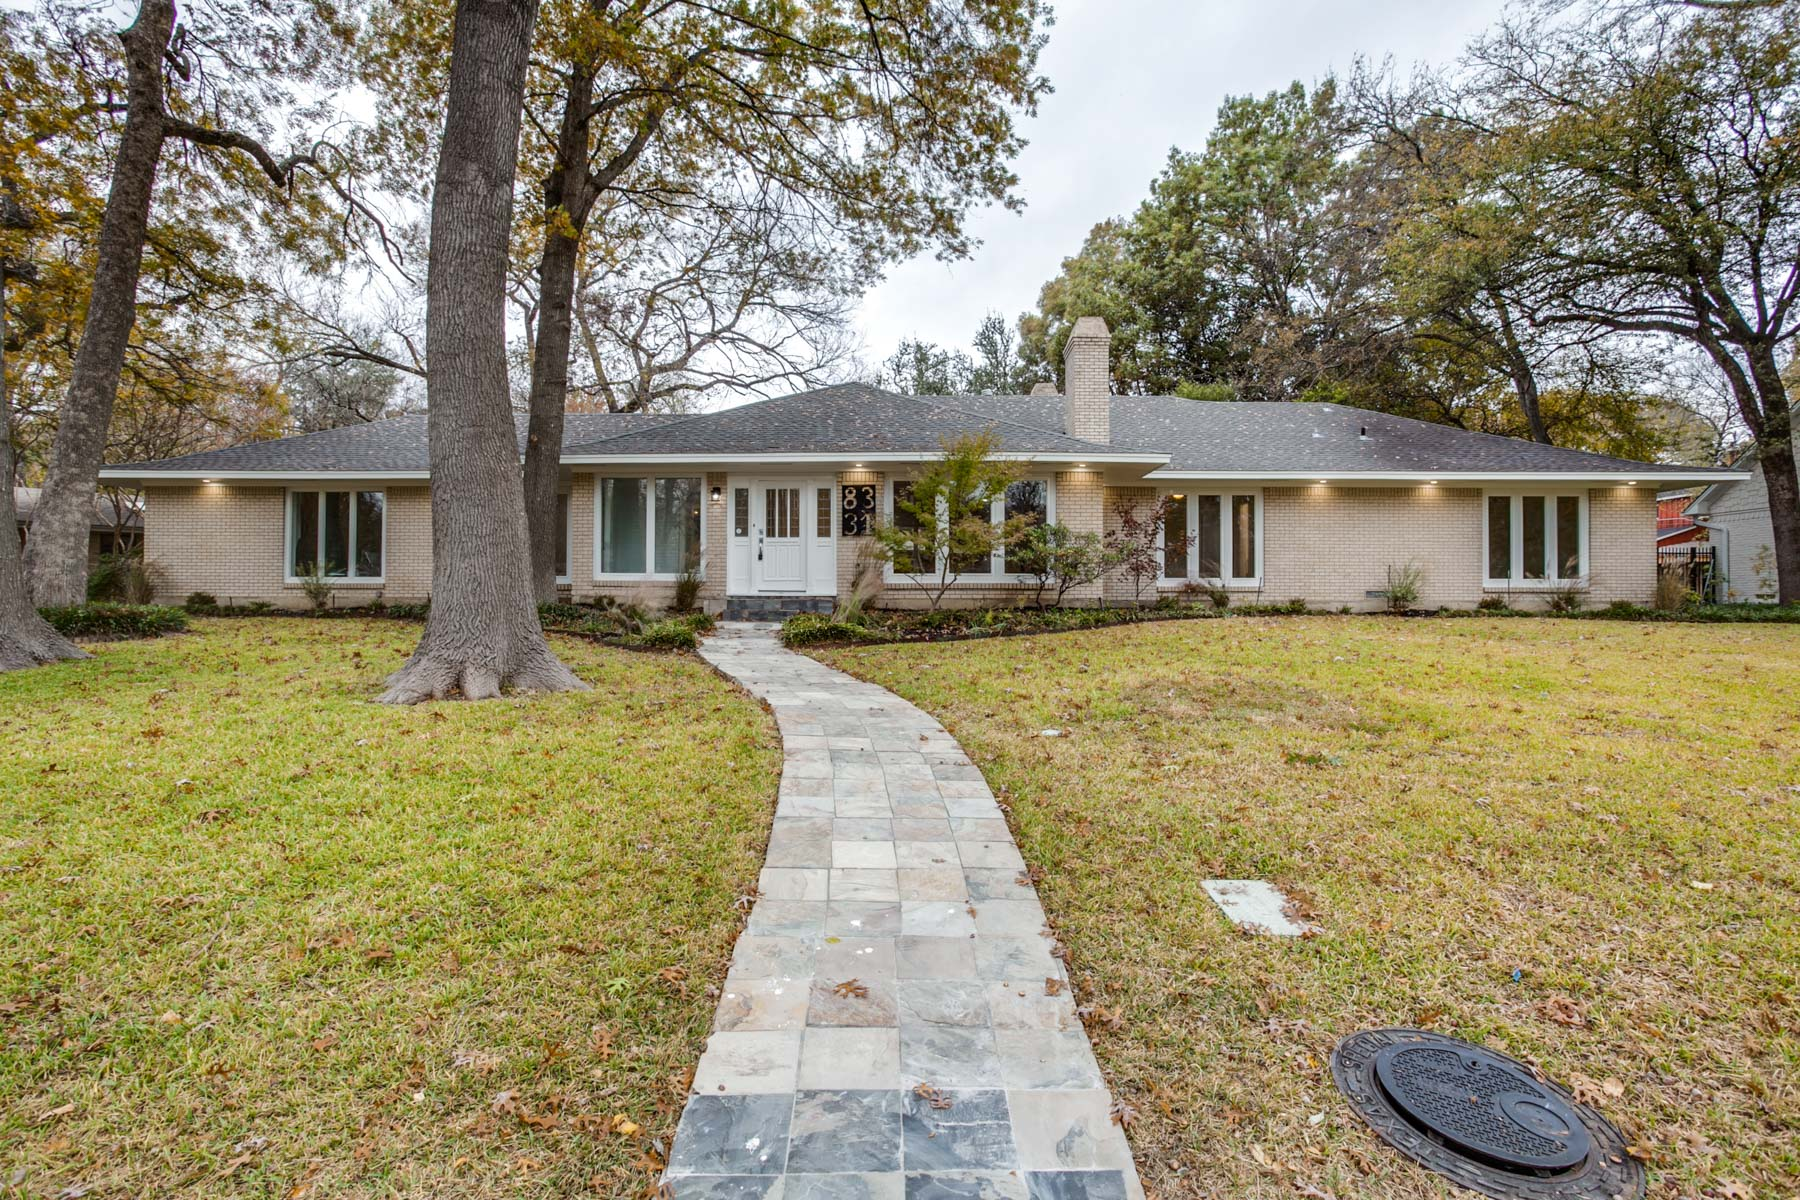 Casa Unifamiliar por un Venta en Stunning Forest Hill Remodel 8331 San Crostobal, Dallas, Texas, 75229 Estados Unidos